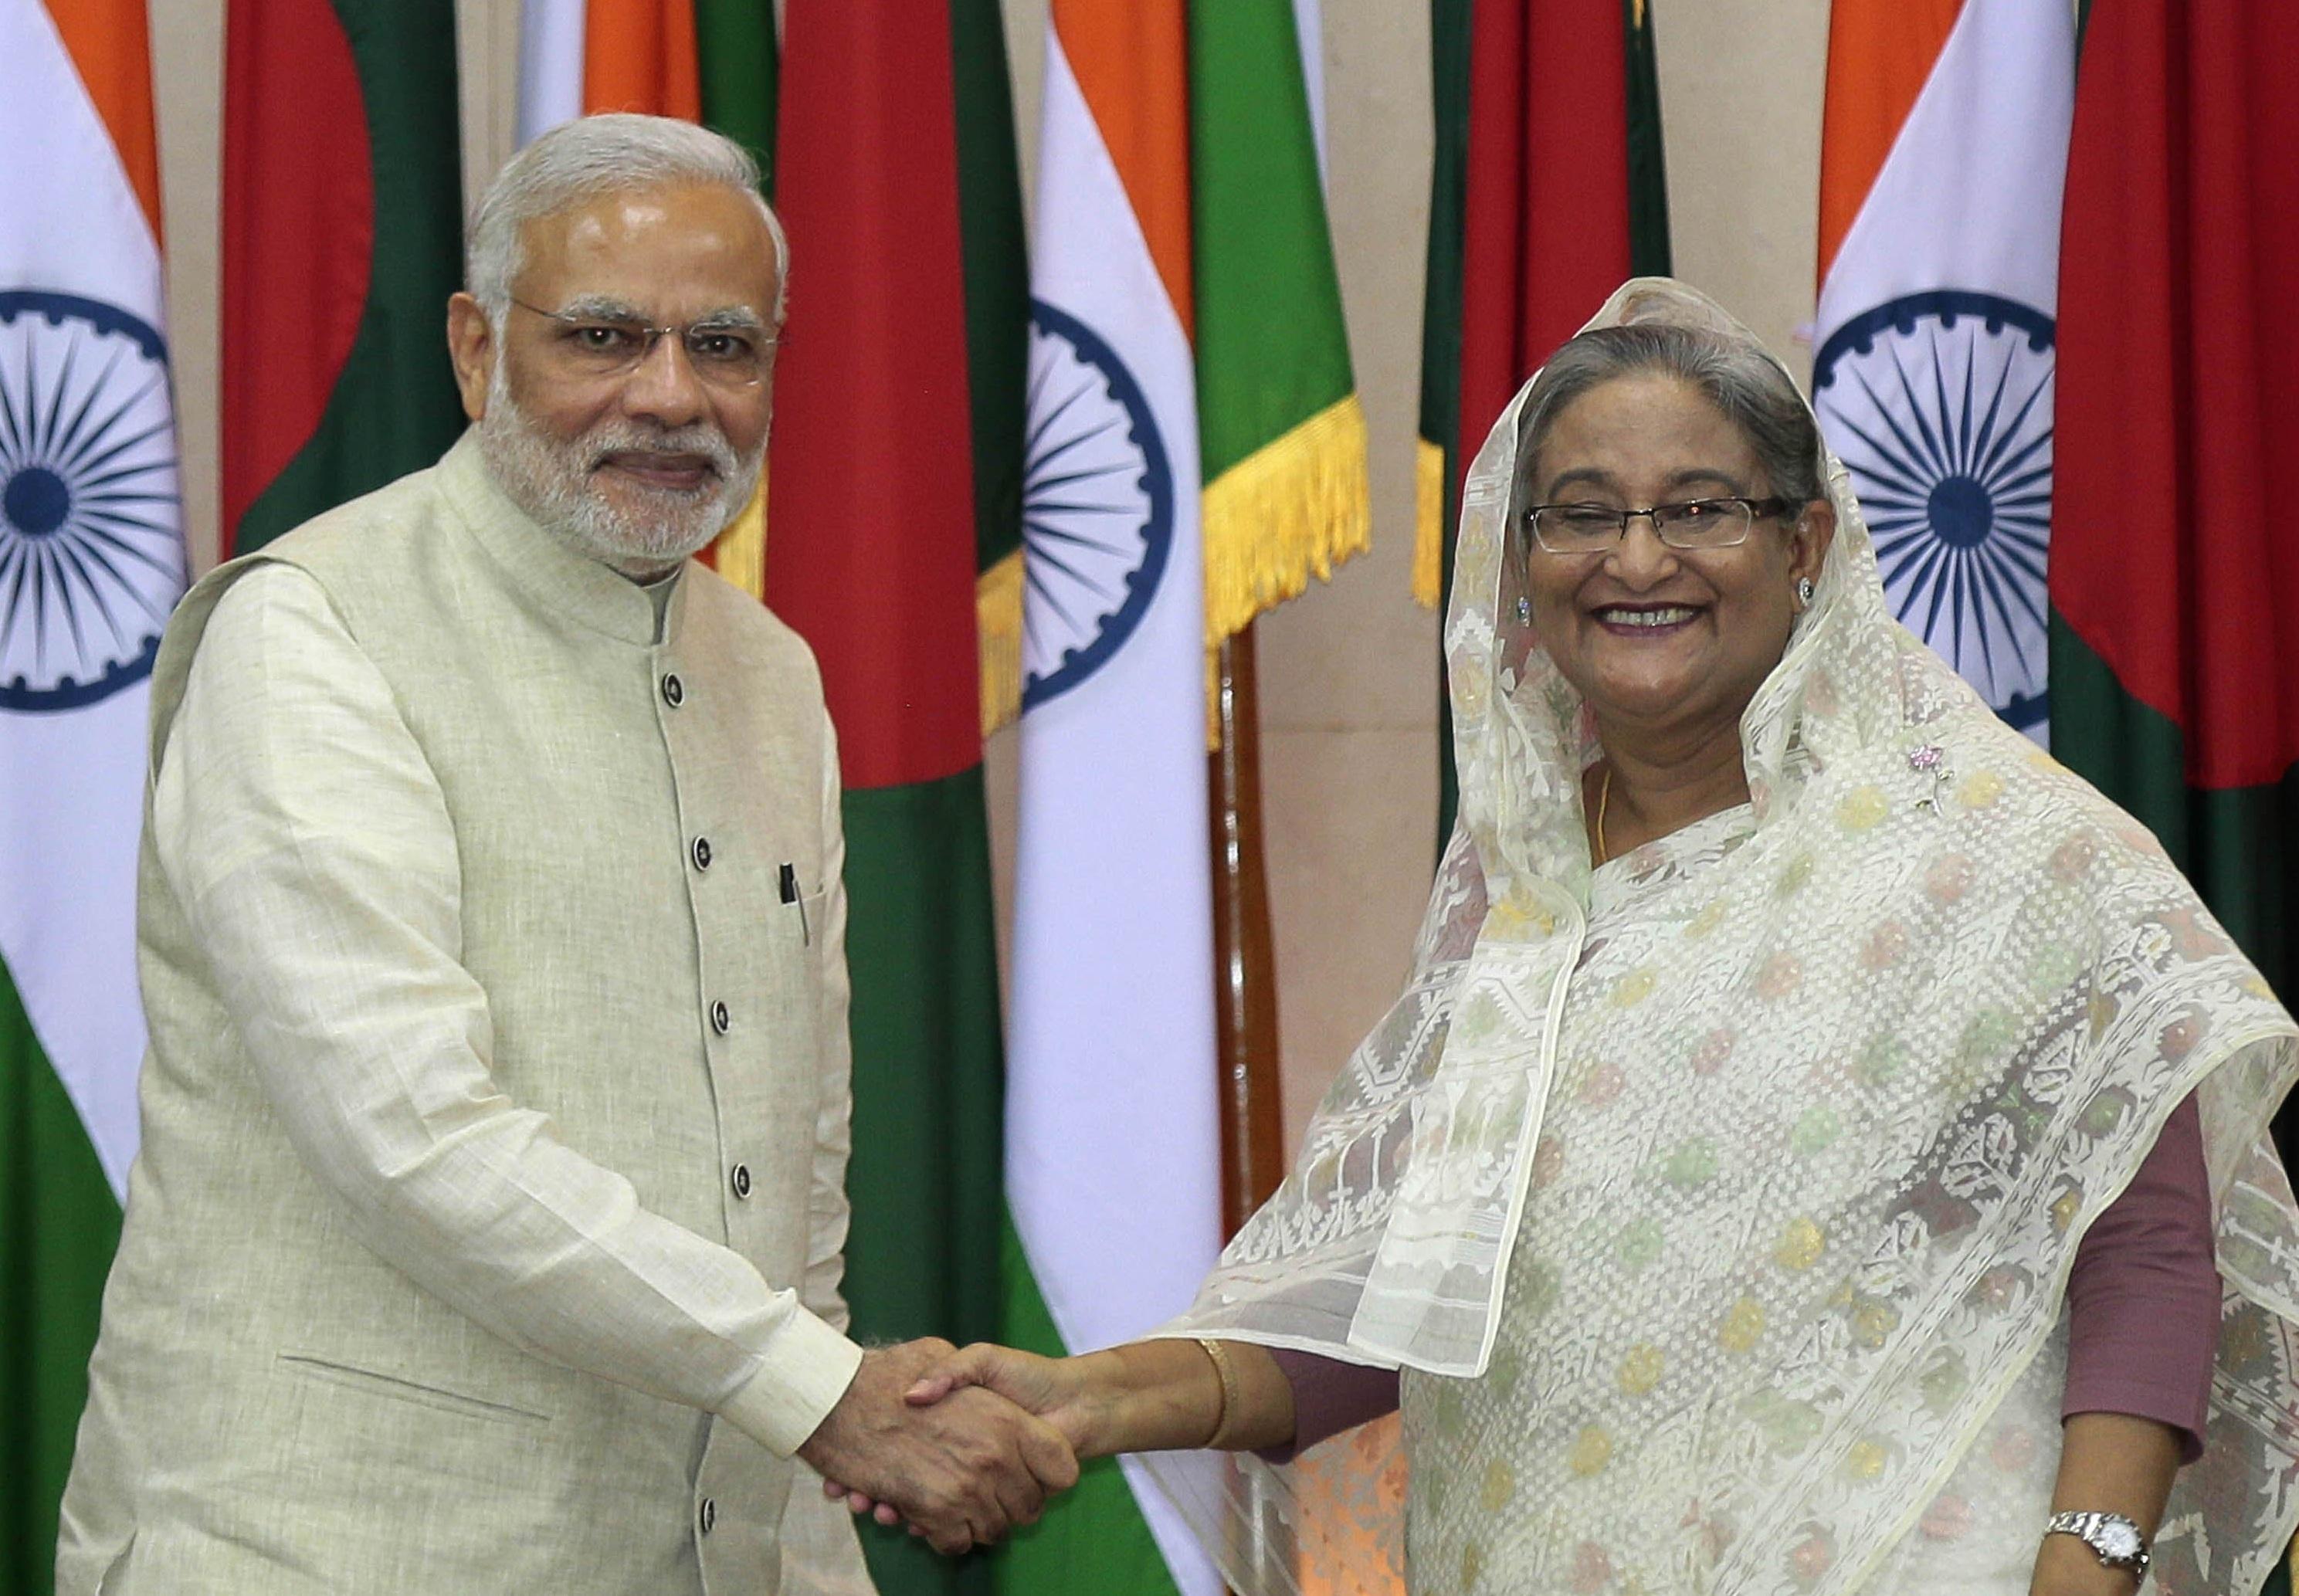 மோடியுடன் வங்கதேச பிரதமர் ஷேக் அசீனா